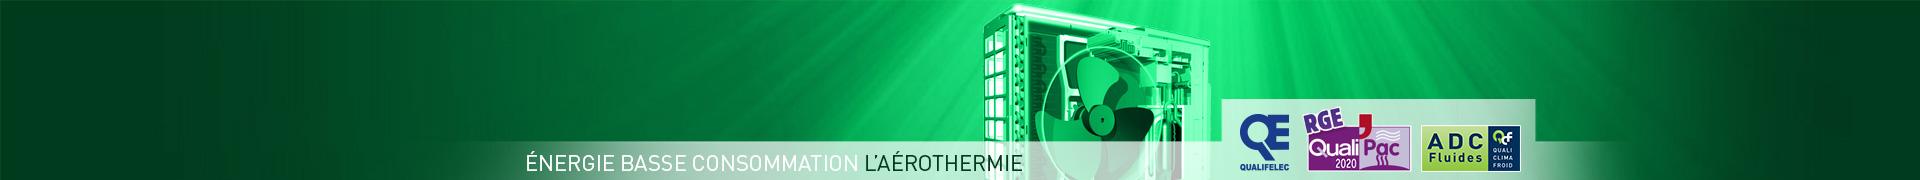 Veista, installateur aérothermie, installateur pompe à chaleur, Nantes, La Baule, Guérande, 44